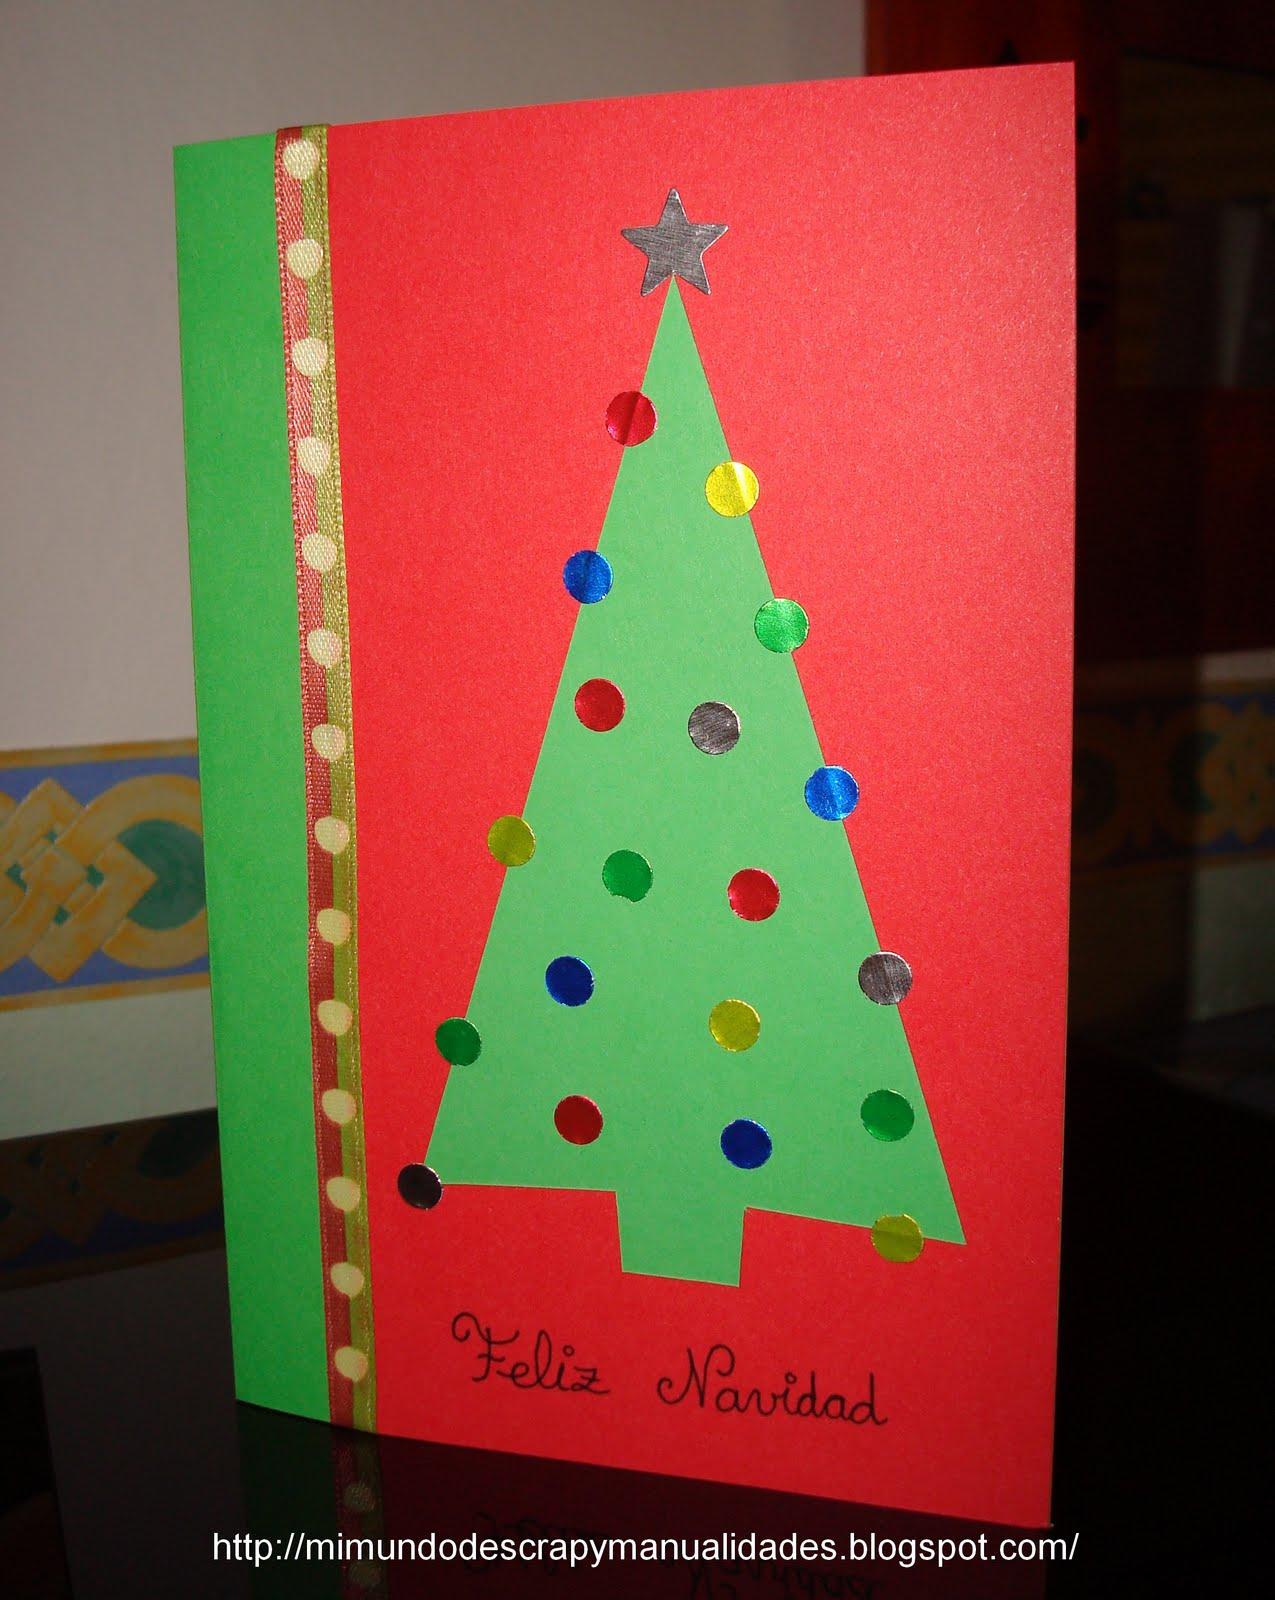 Mi mundo de scrap y manualidades postal de navidad 3 - Para navidad manualidades ...